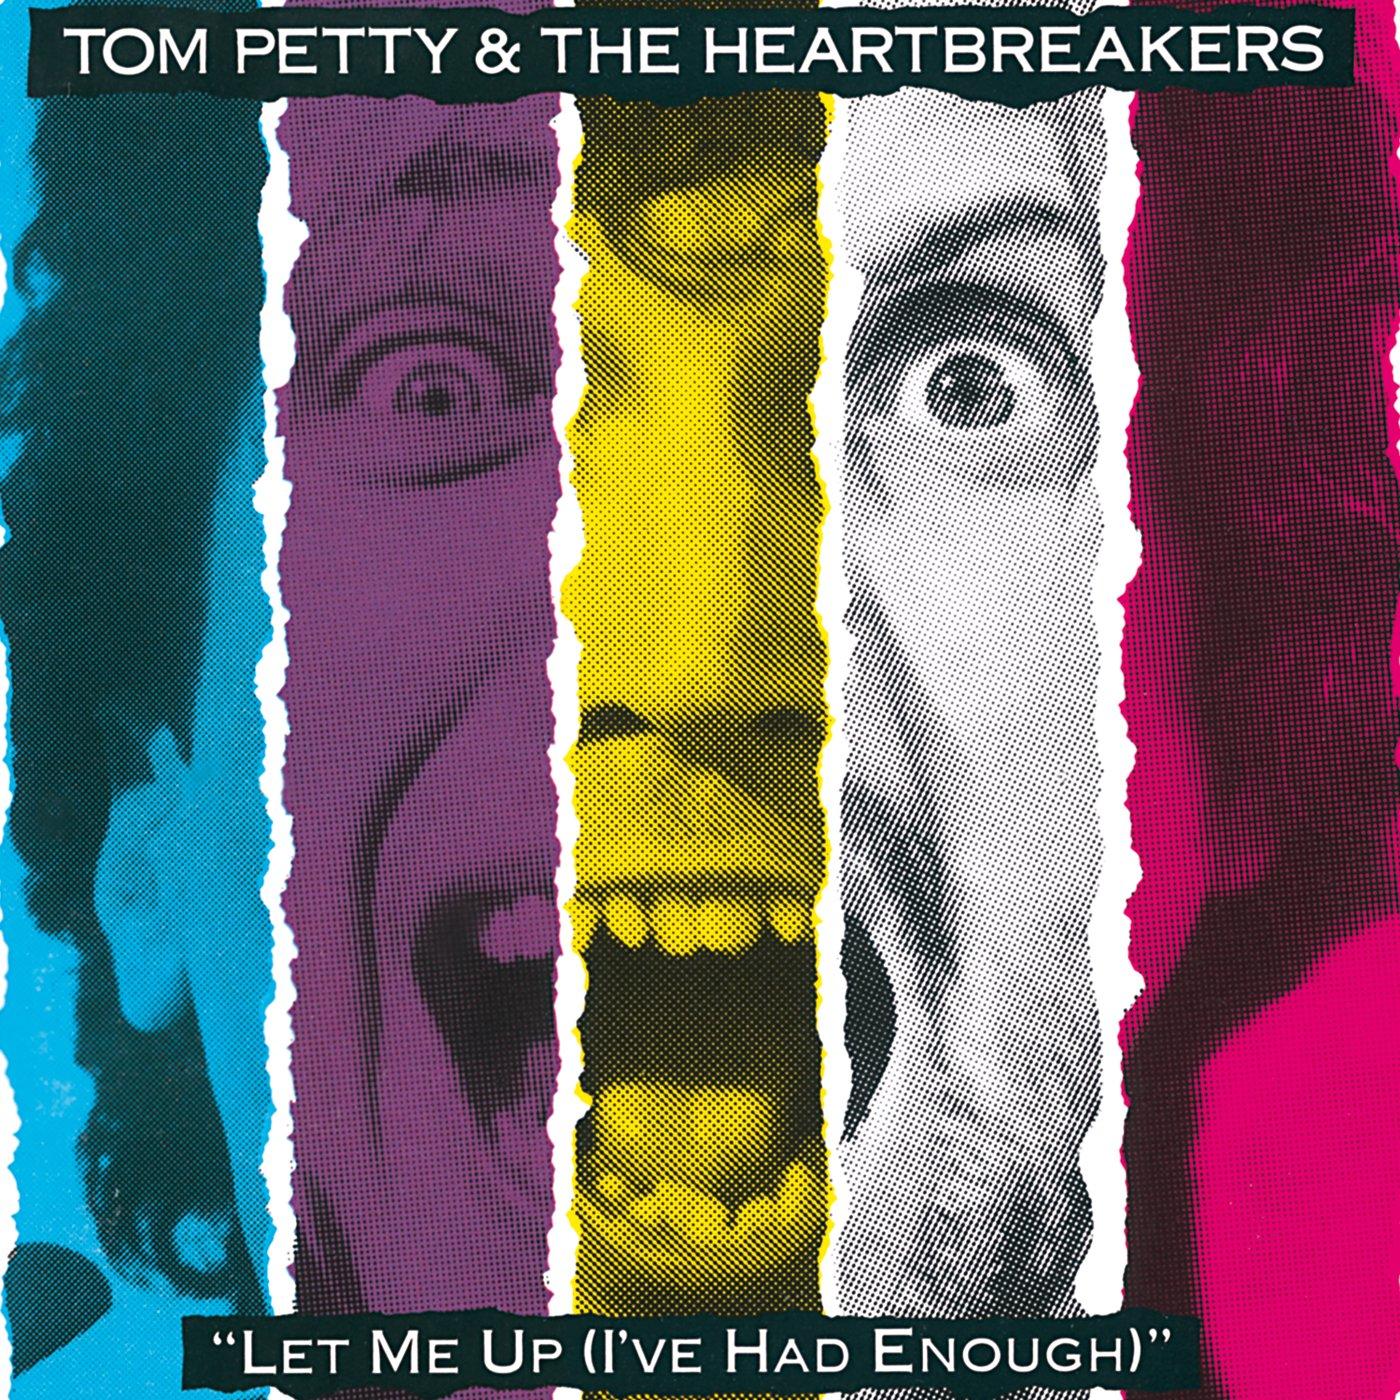 Tom Petty masturbandose al viento - An American Treasure - Página 19 91w7EUV1aEL._SL1400_